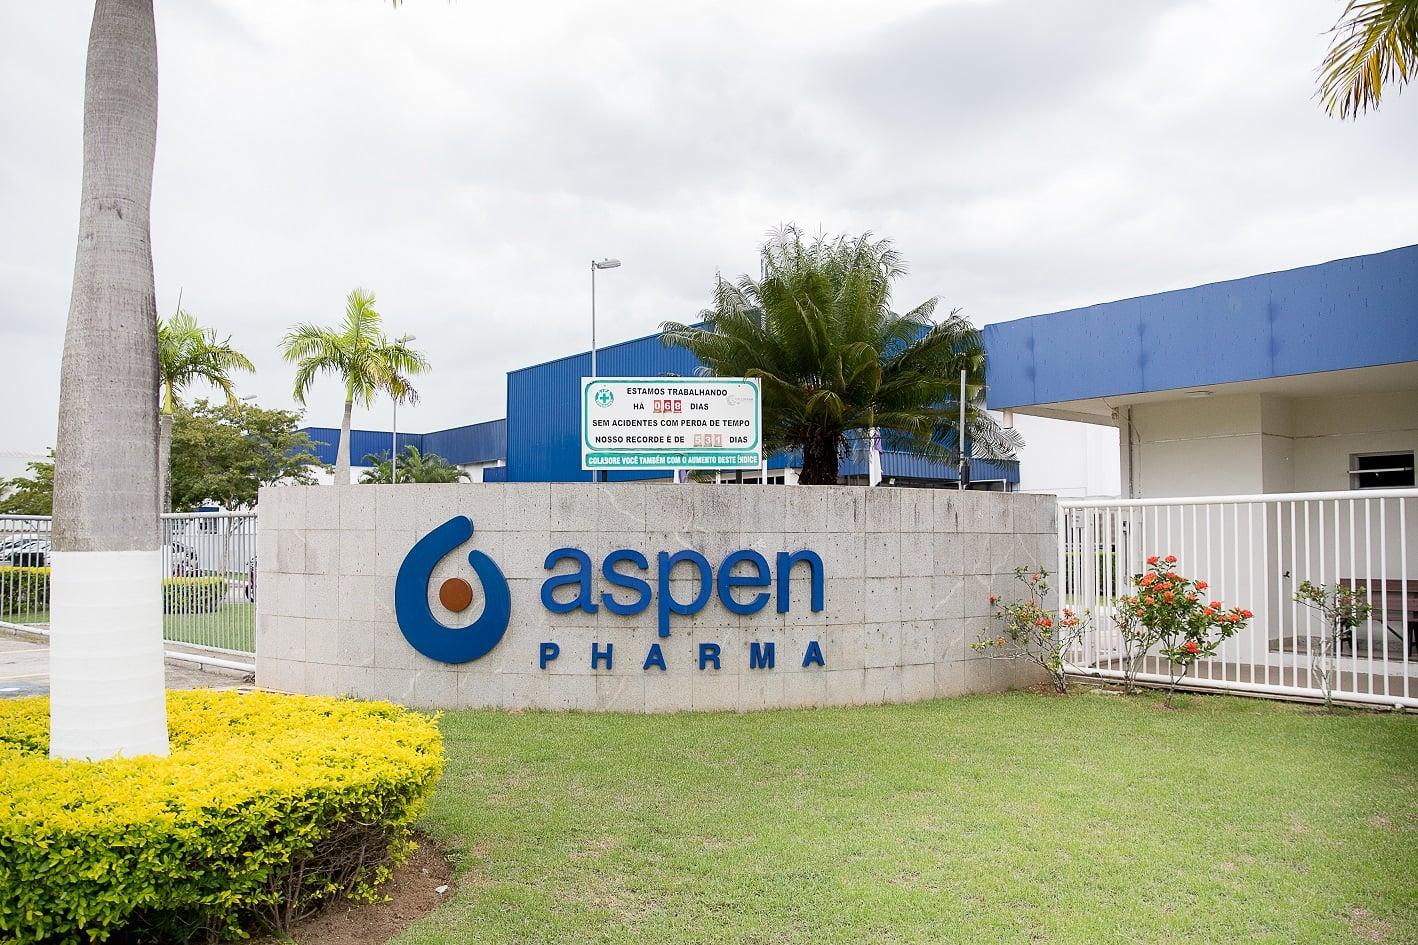 Aspen Pharma faz reciclagem de resíduos